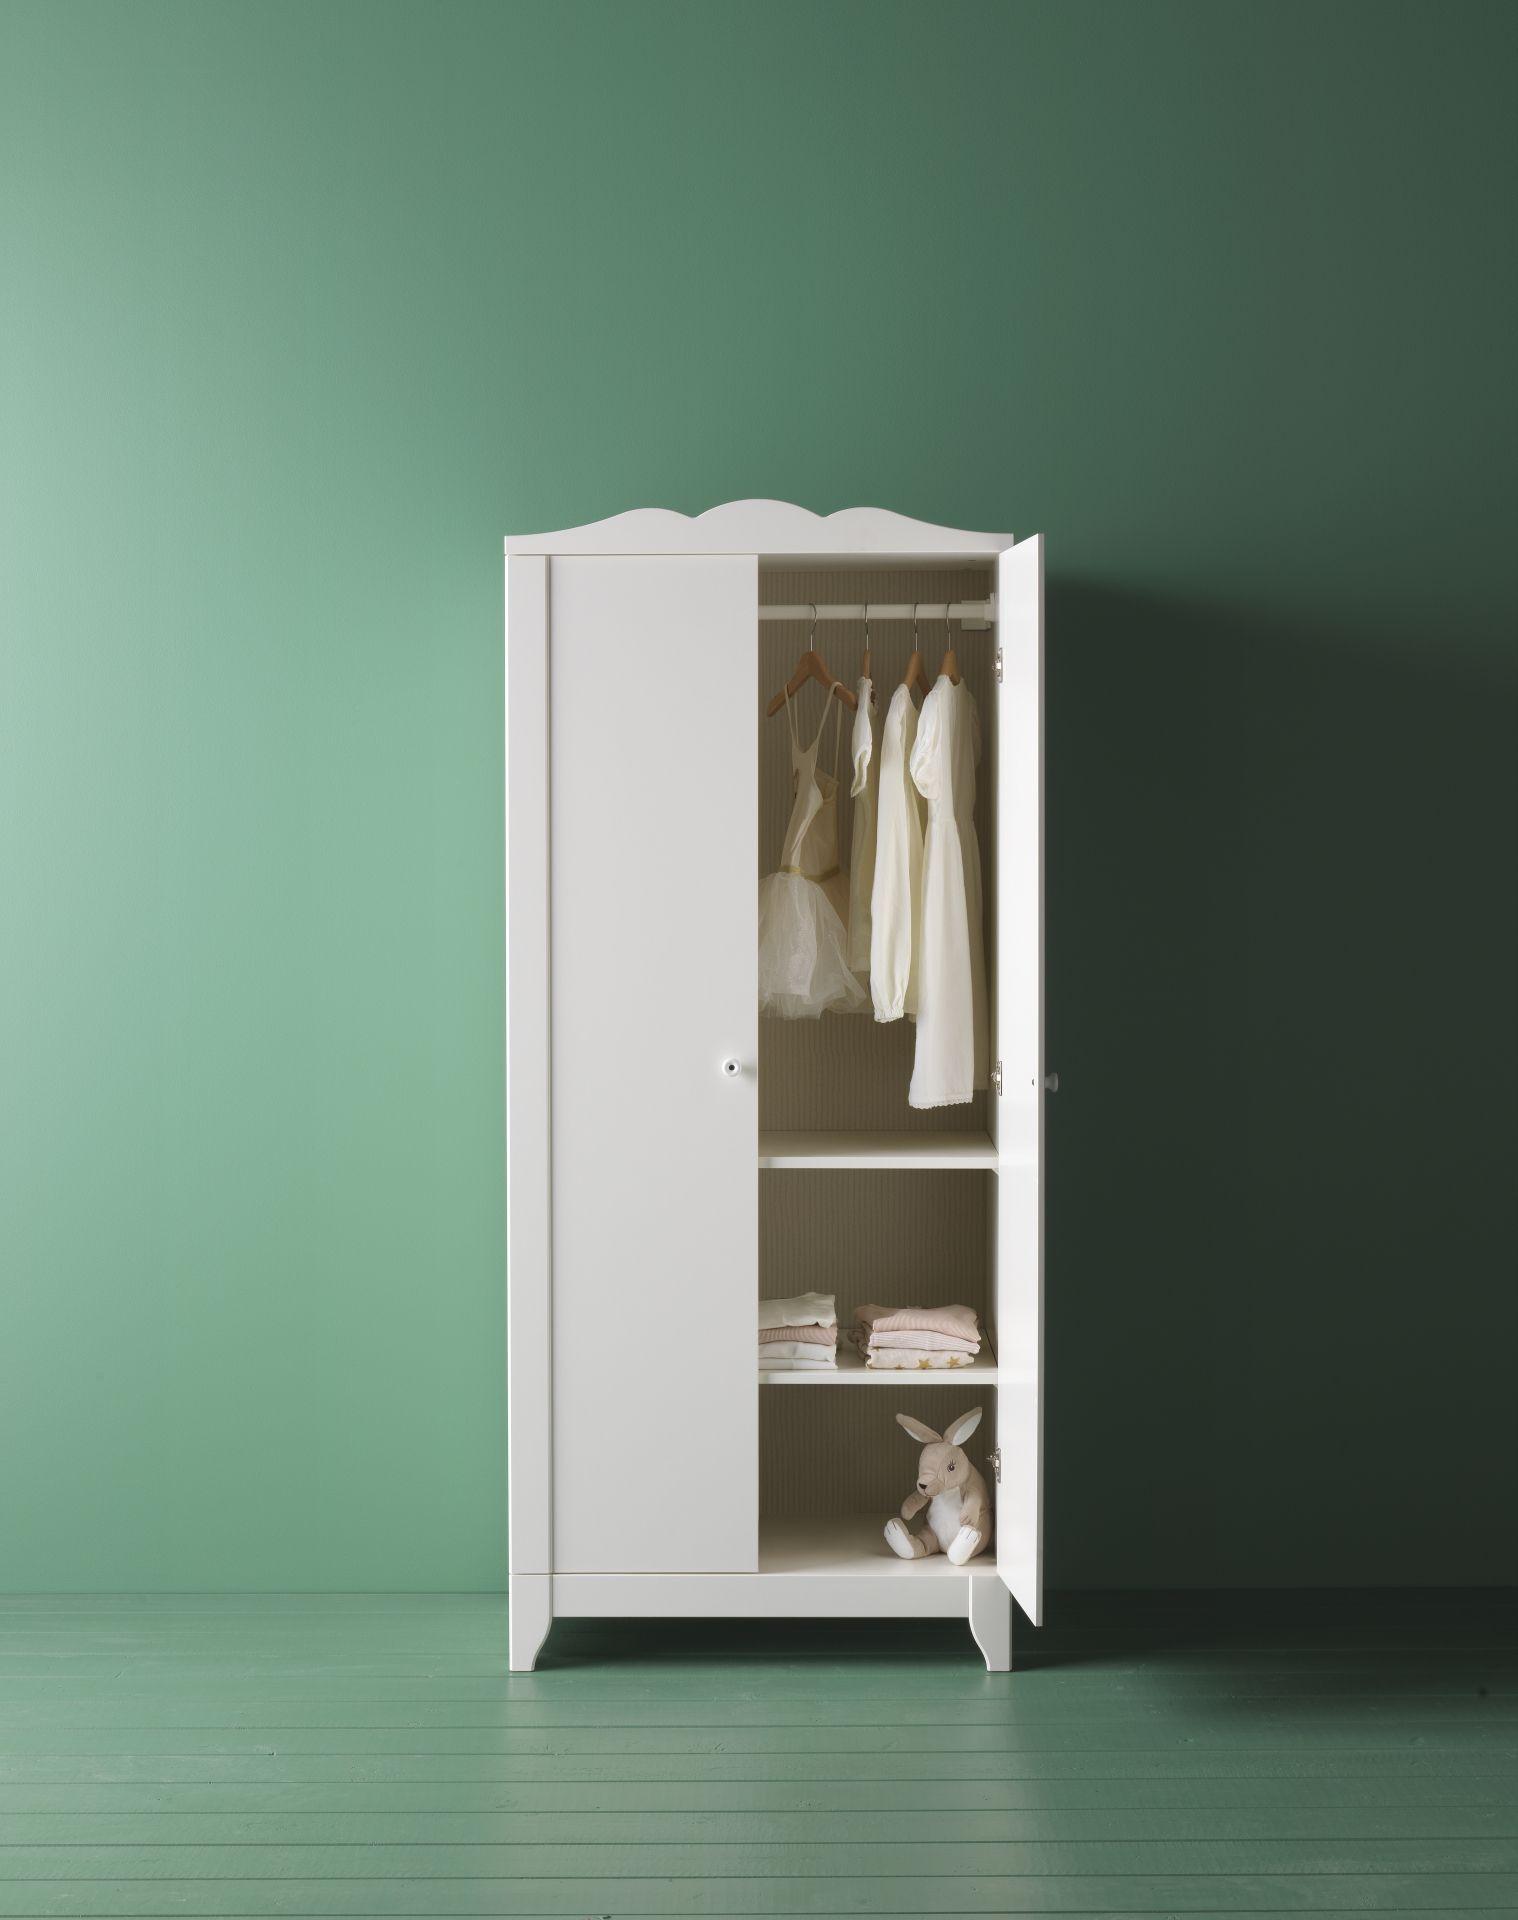 HENSVIK Garderobekast, wit | For the Home | Pinterest